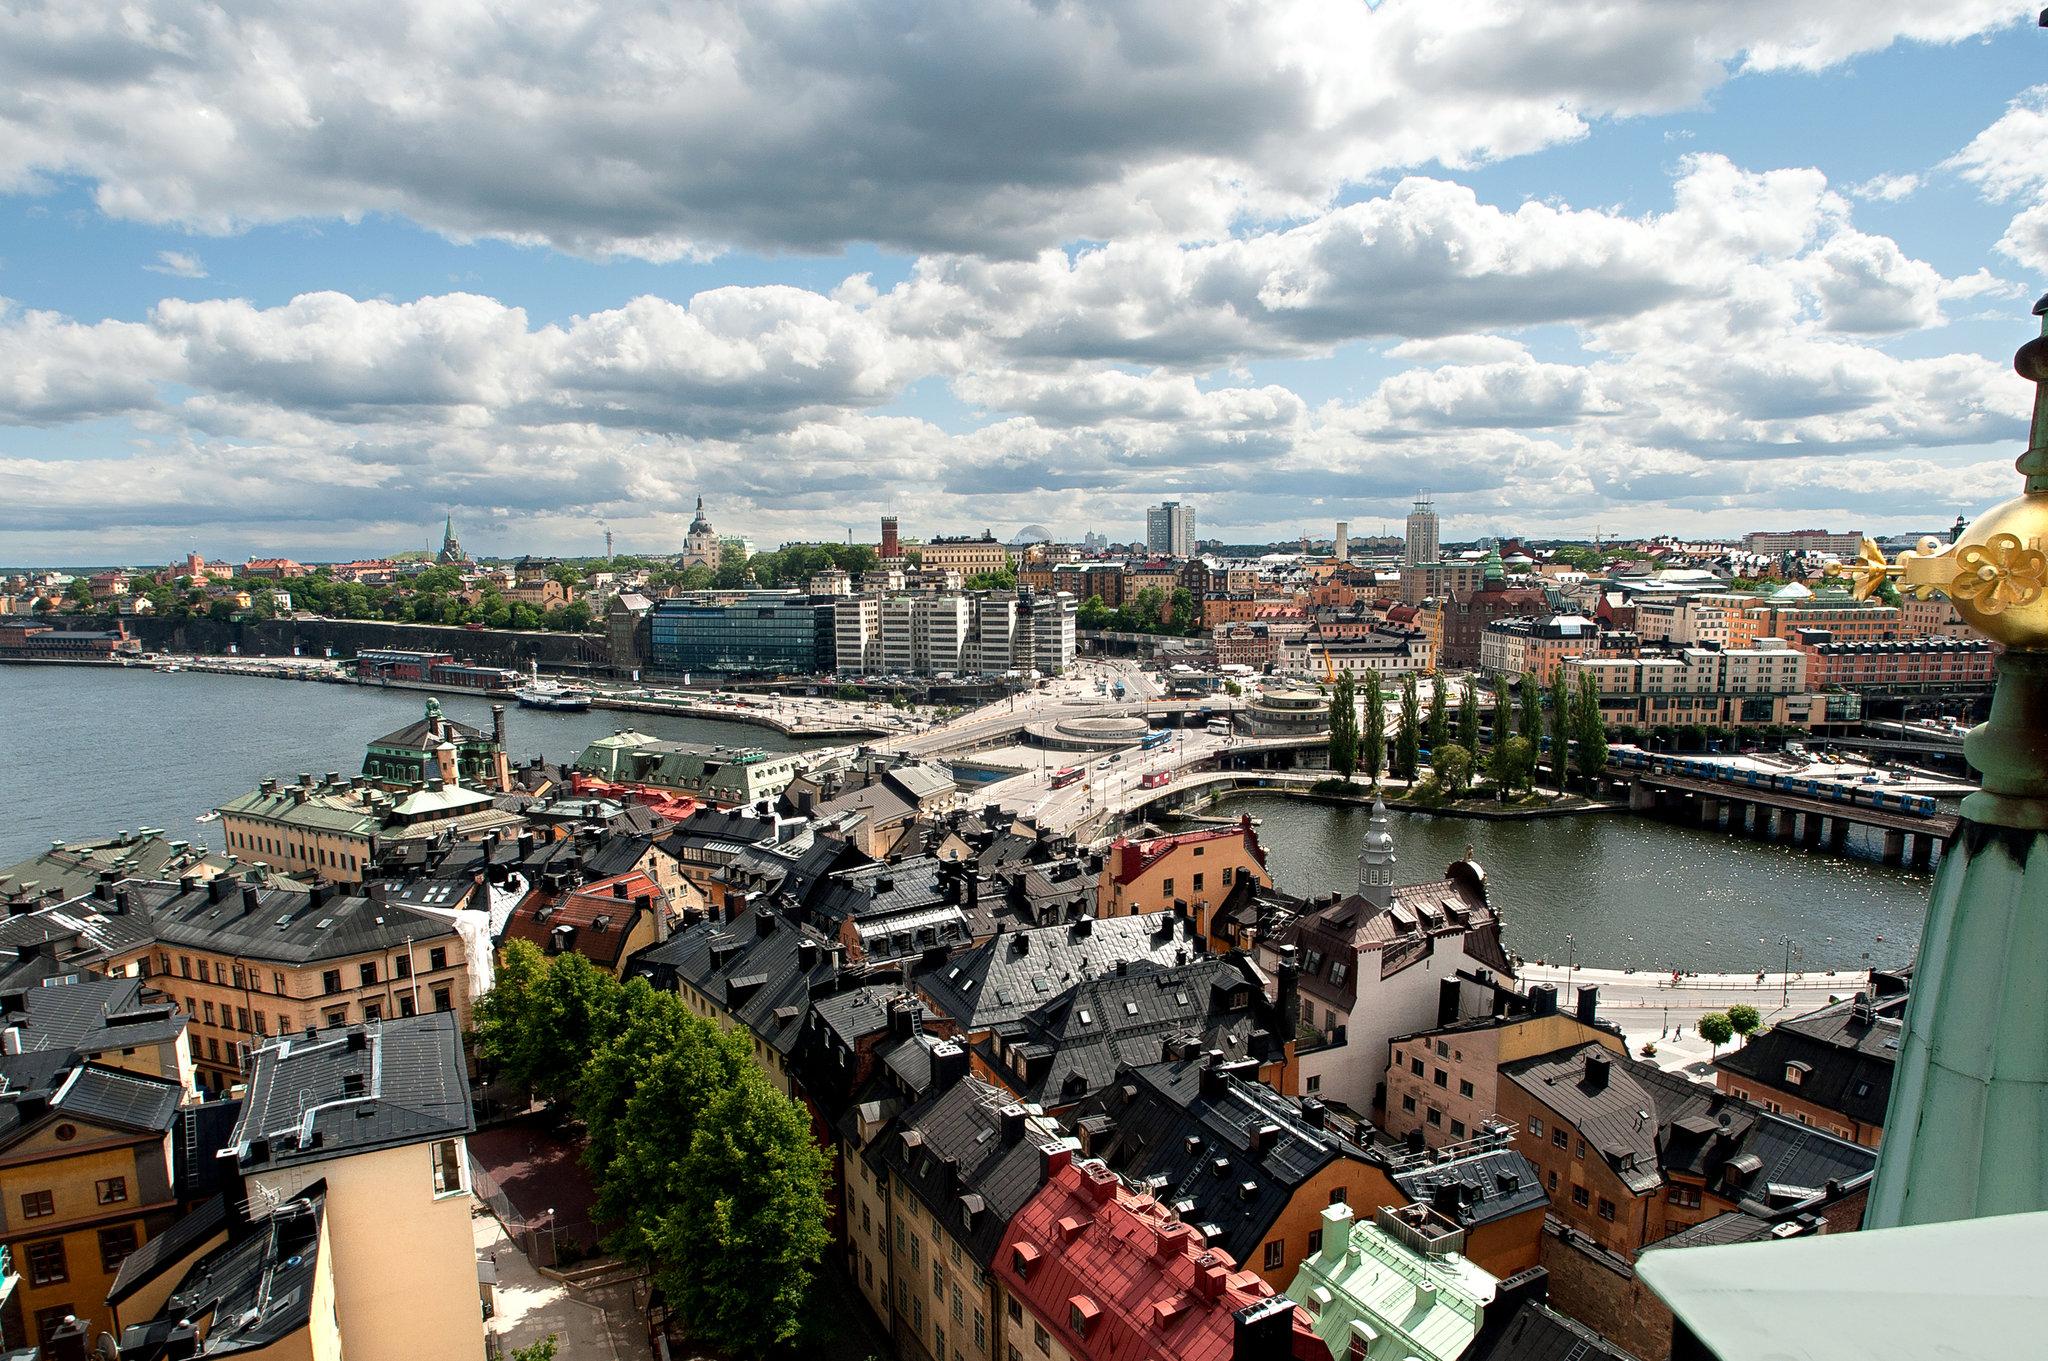 Αποτέλεσμα εικόνας για Στοκχόλμη